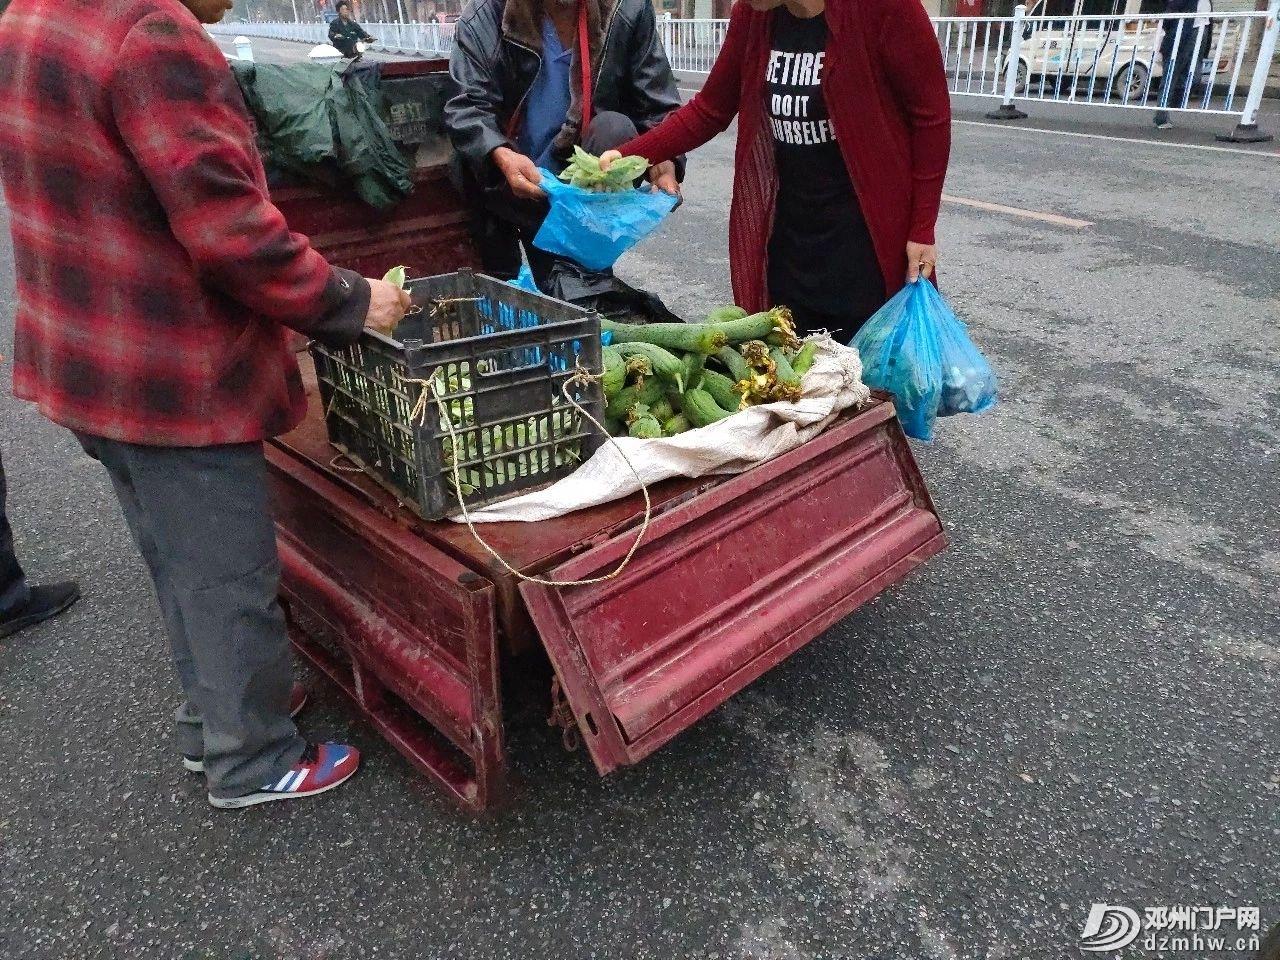 最新!凌晨6点,邓州菜市场拍到的一幕… - 邓州门户网 邓州网 - 19f28a379d992de4238fd6e1dbf0f1f8.jpg